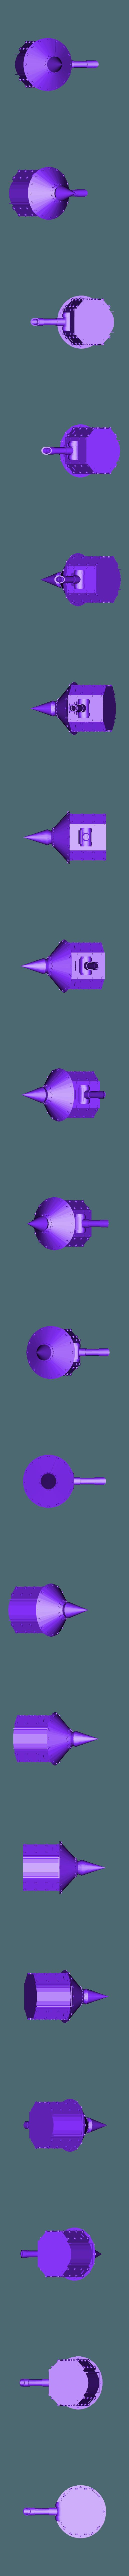 mega_gargant_mini_turret.stl Télécharger fichier STL gratuit Ork Mega Gargant Epic 40k proxy model 6mm Titanicus • Modèle pour imprimante 3D, redstarkits